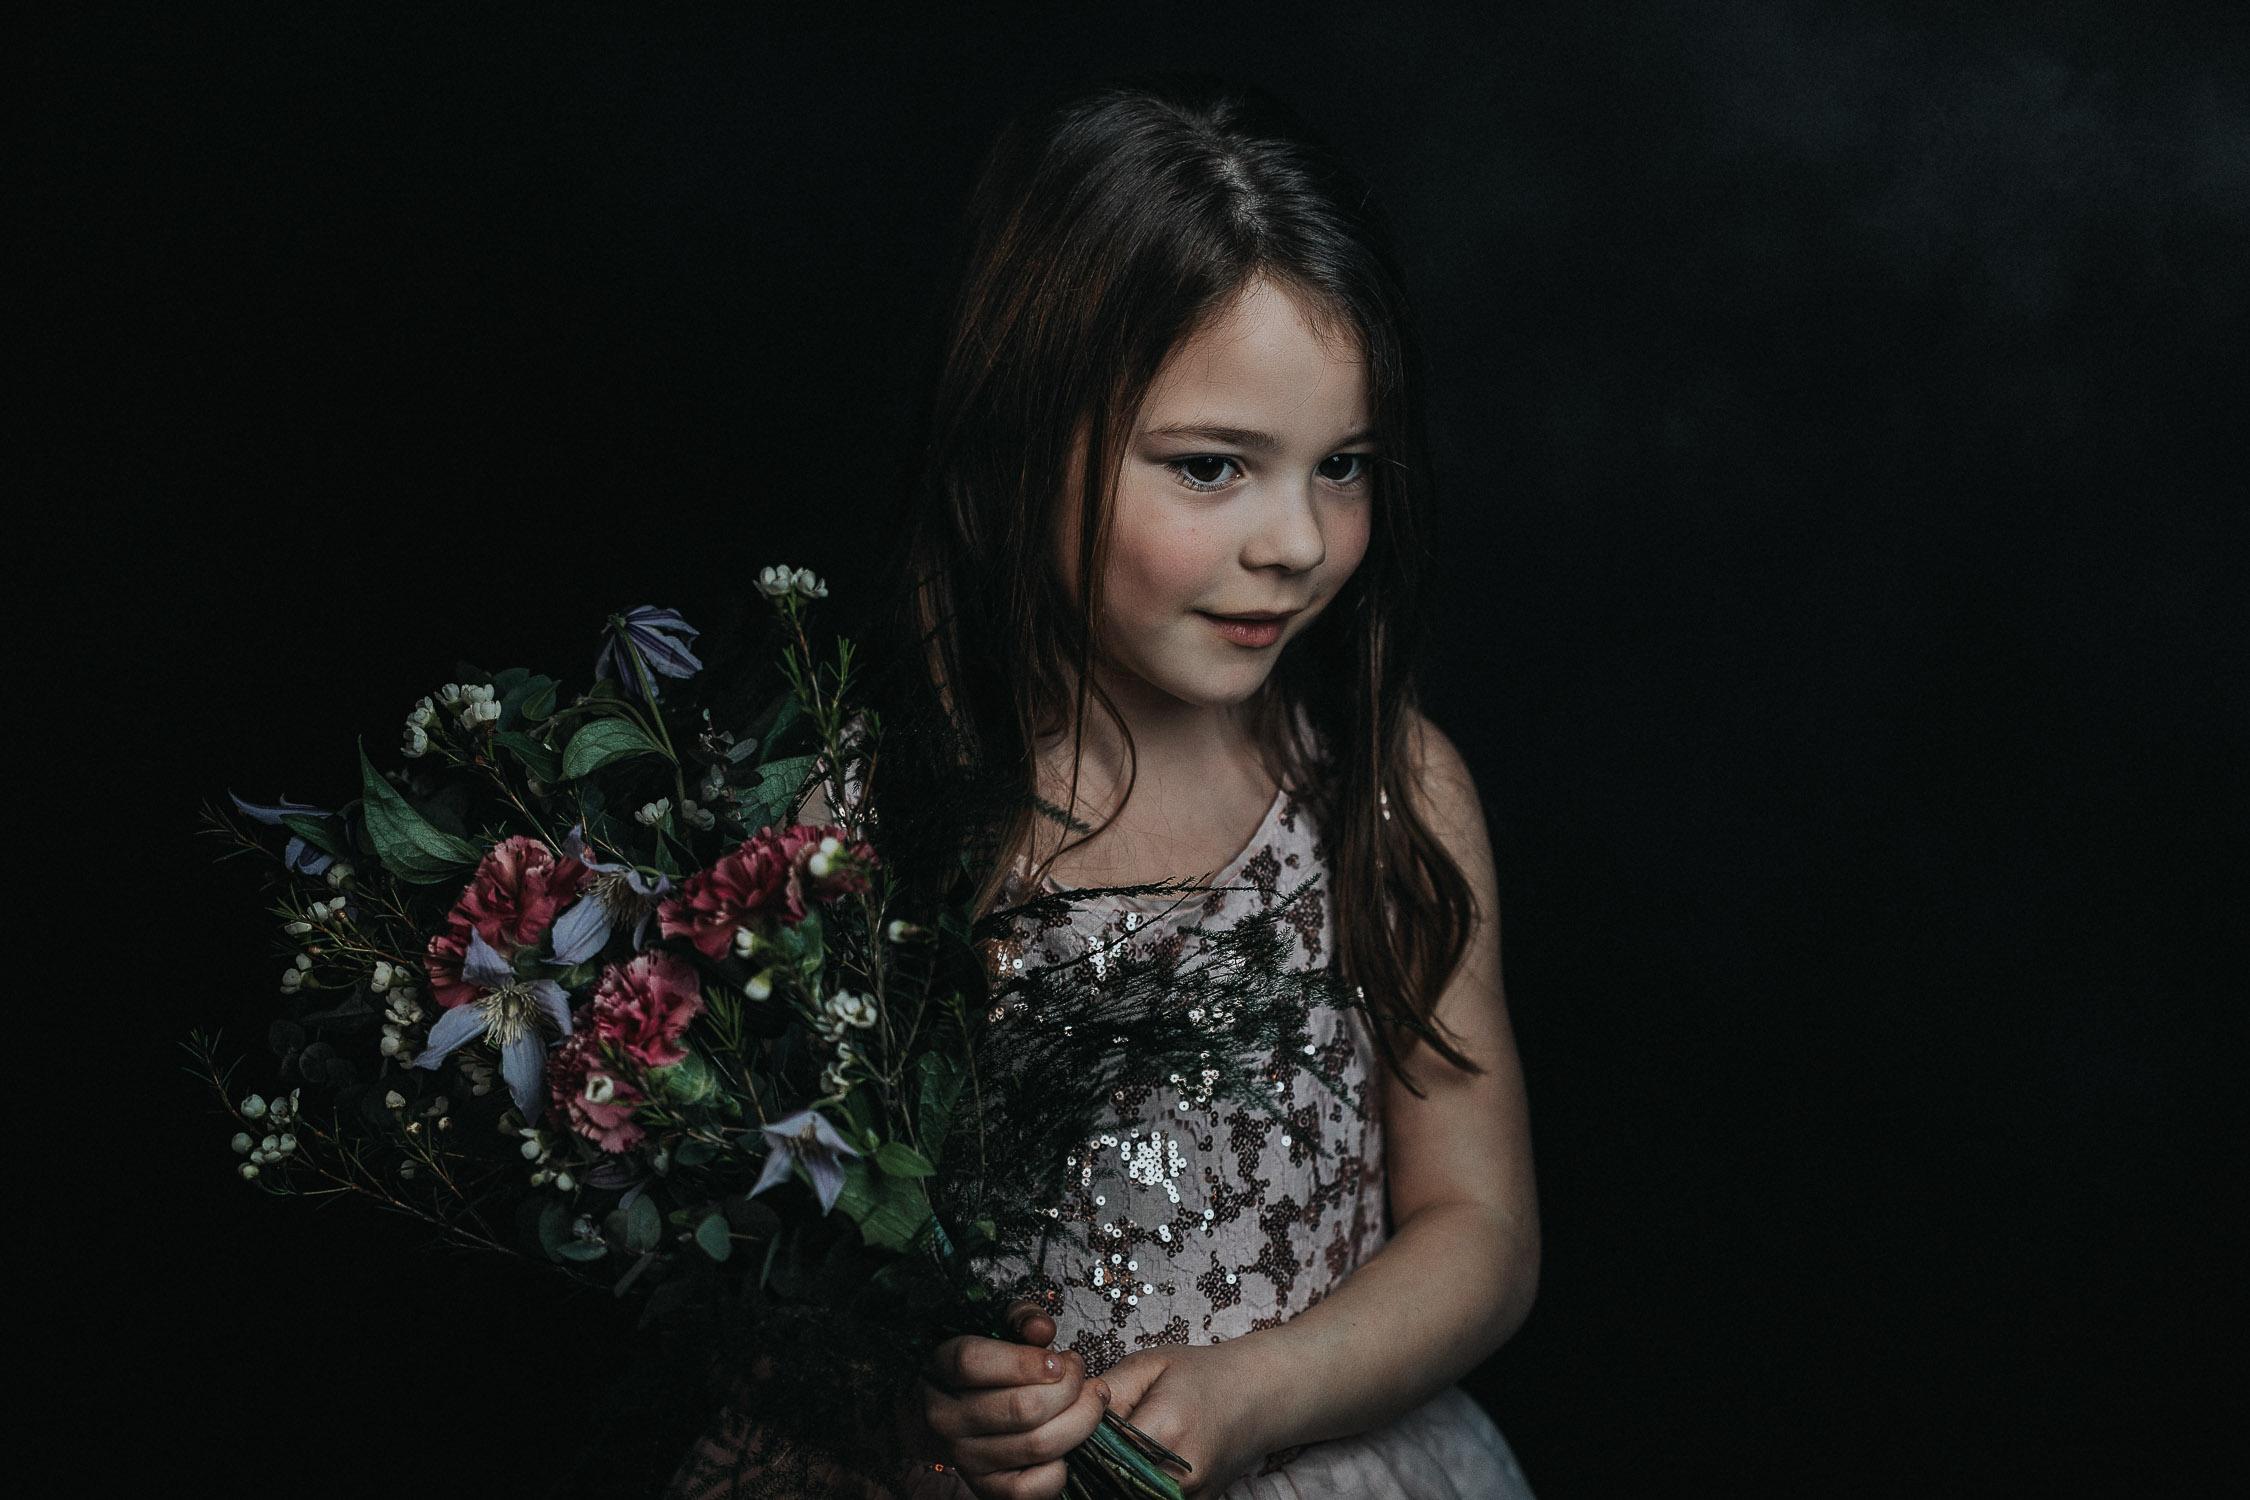 photographe enfant la chaux de fonds